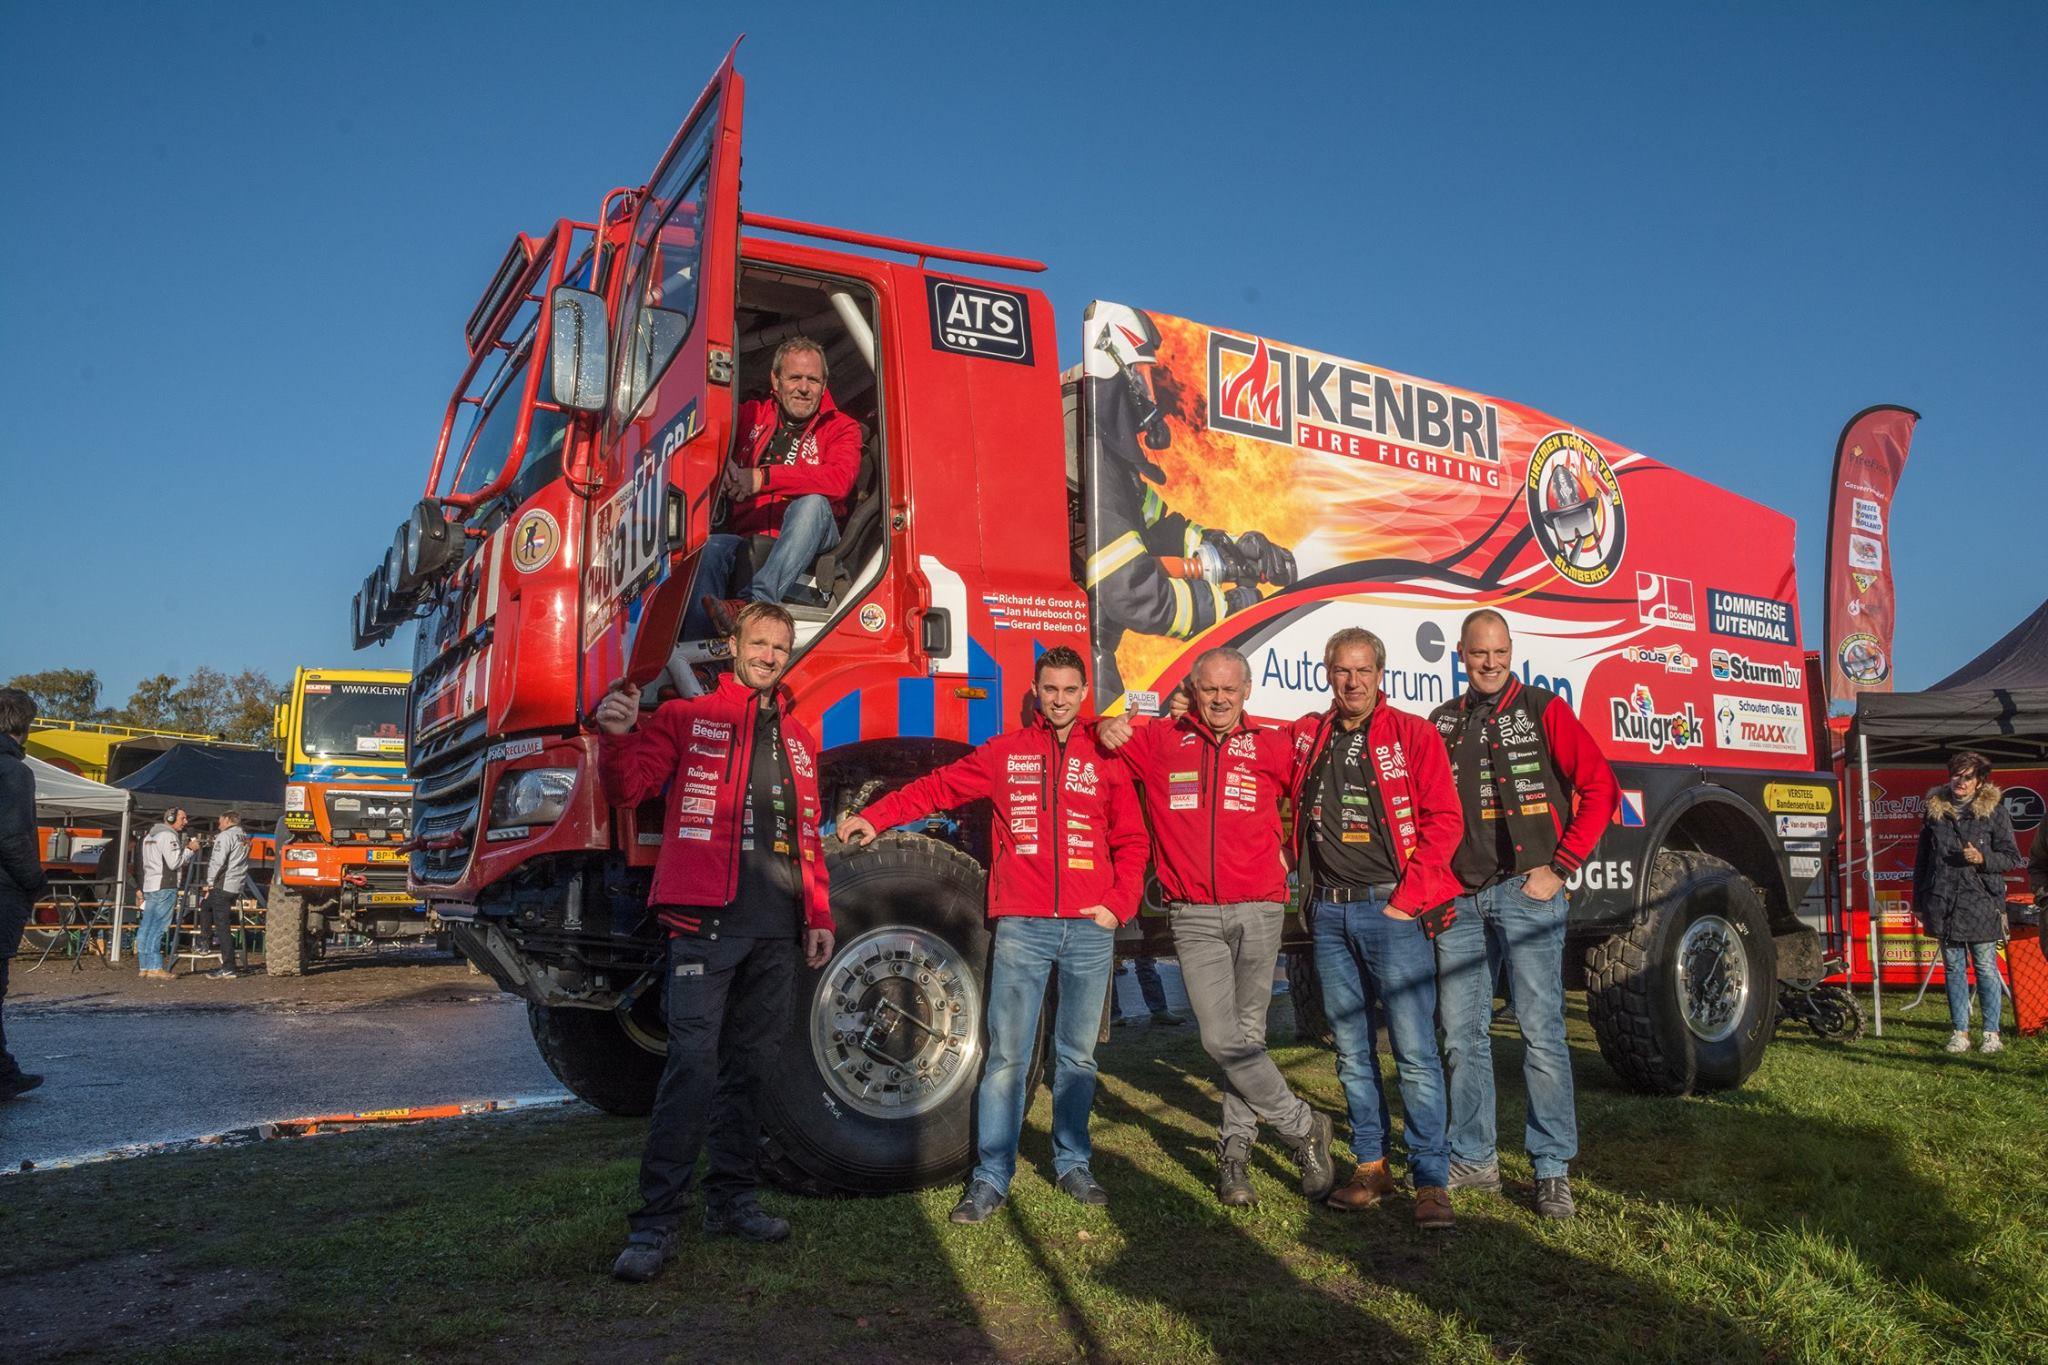 Dakar 2018 - Team Fireman